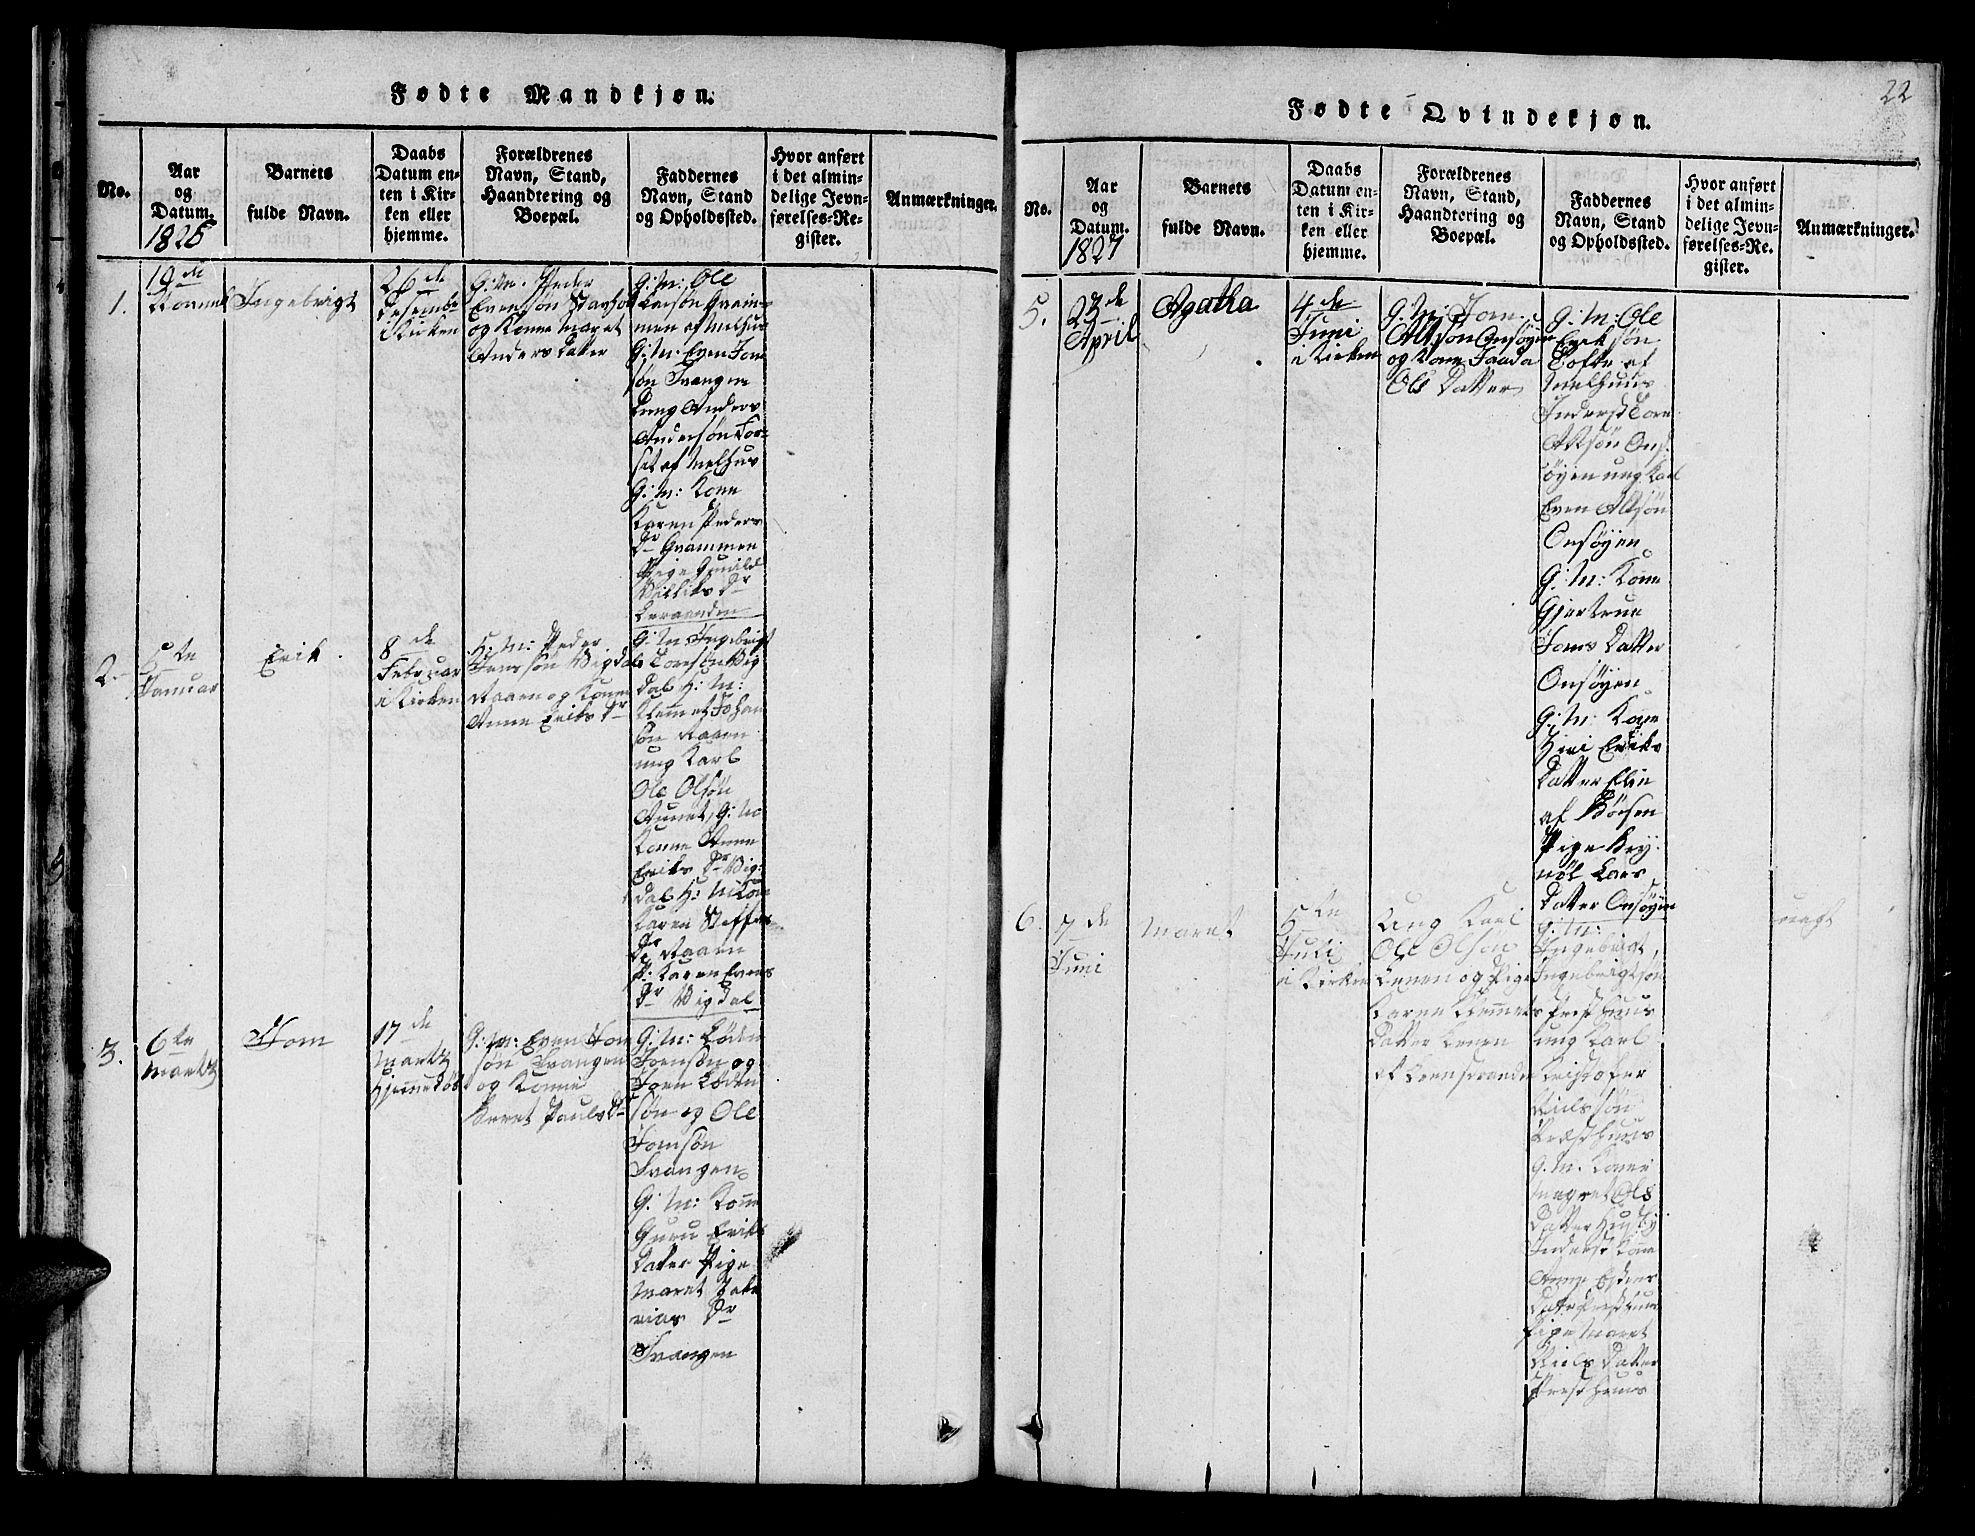 SAT, Ministerialprotokoller, klokkerbøker og fødselsregistre - Sør-Trøndelag, 666/L0788: Klokkerbok nr. 666C01, 1816-1847, s. 22